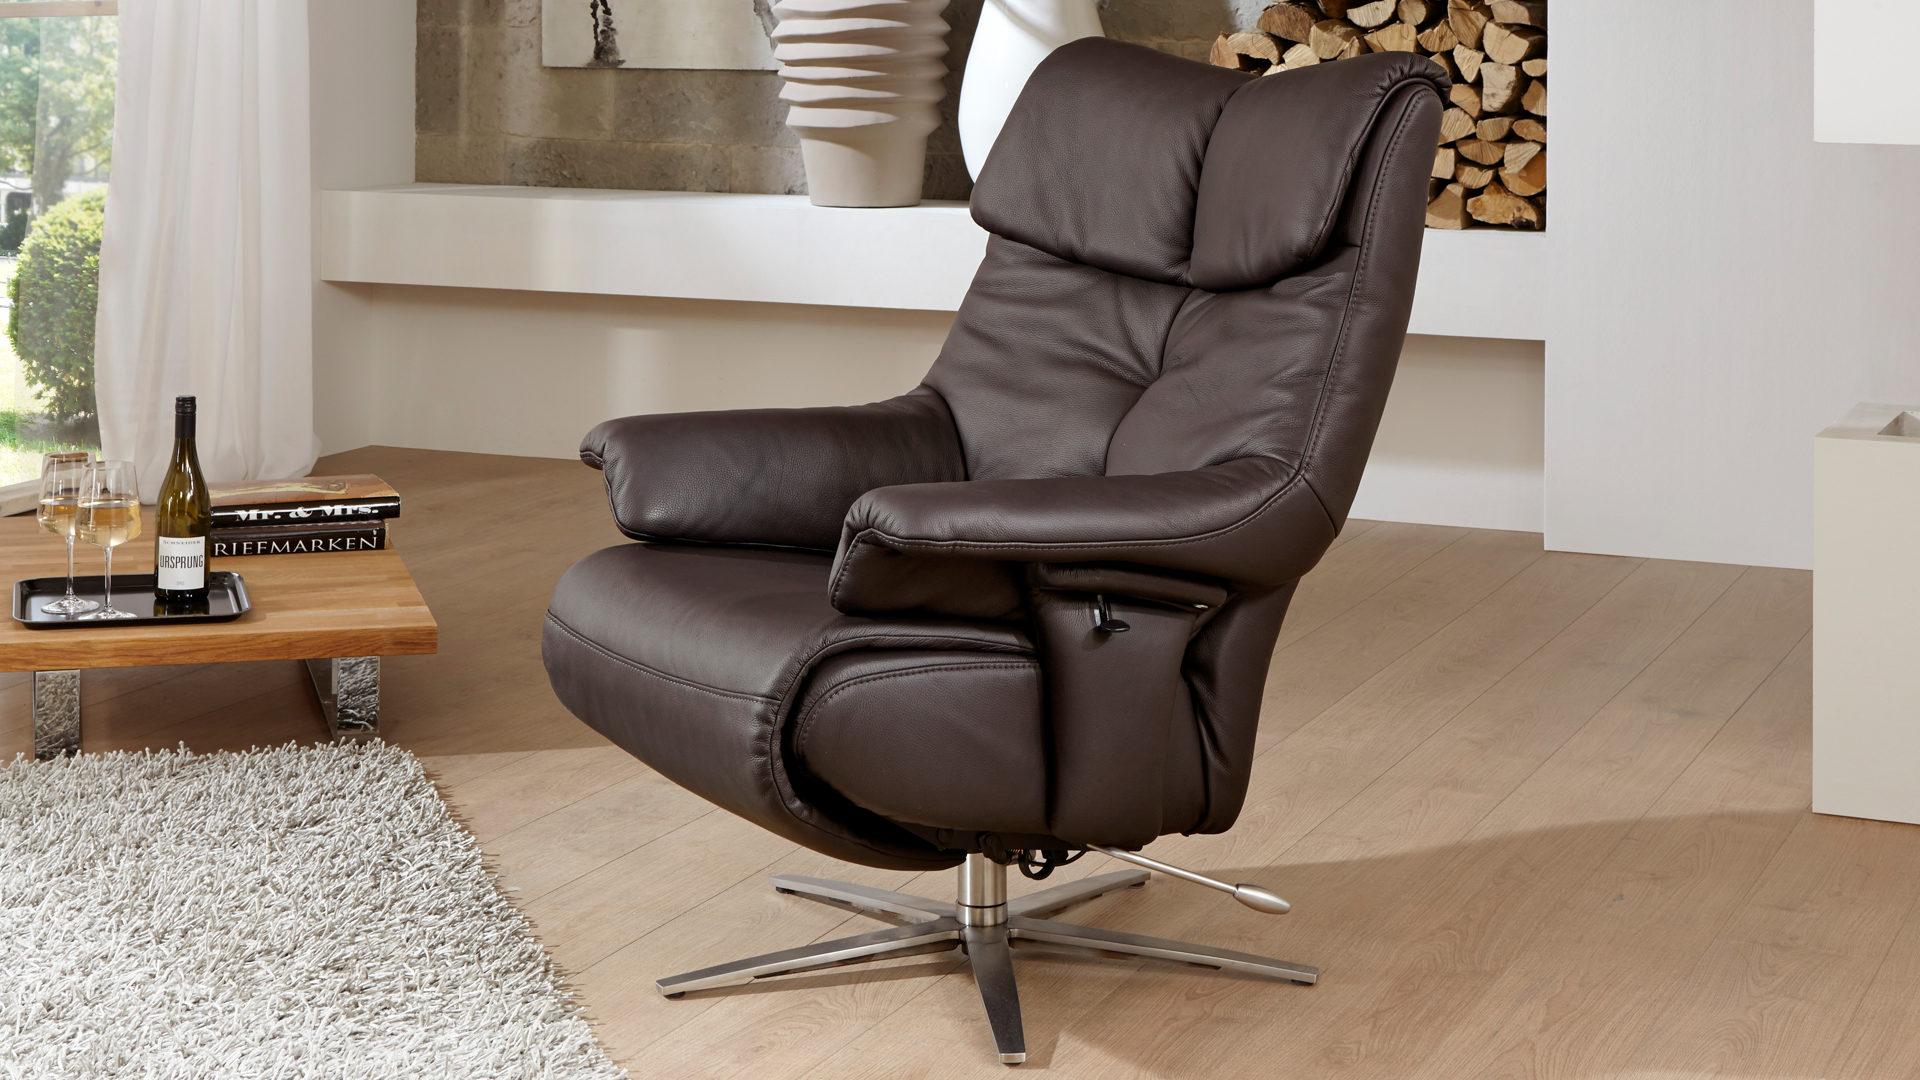 Modulmaster Cosyform Sessel Und Sitzmöbel 7525 Schokofarbenes